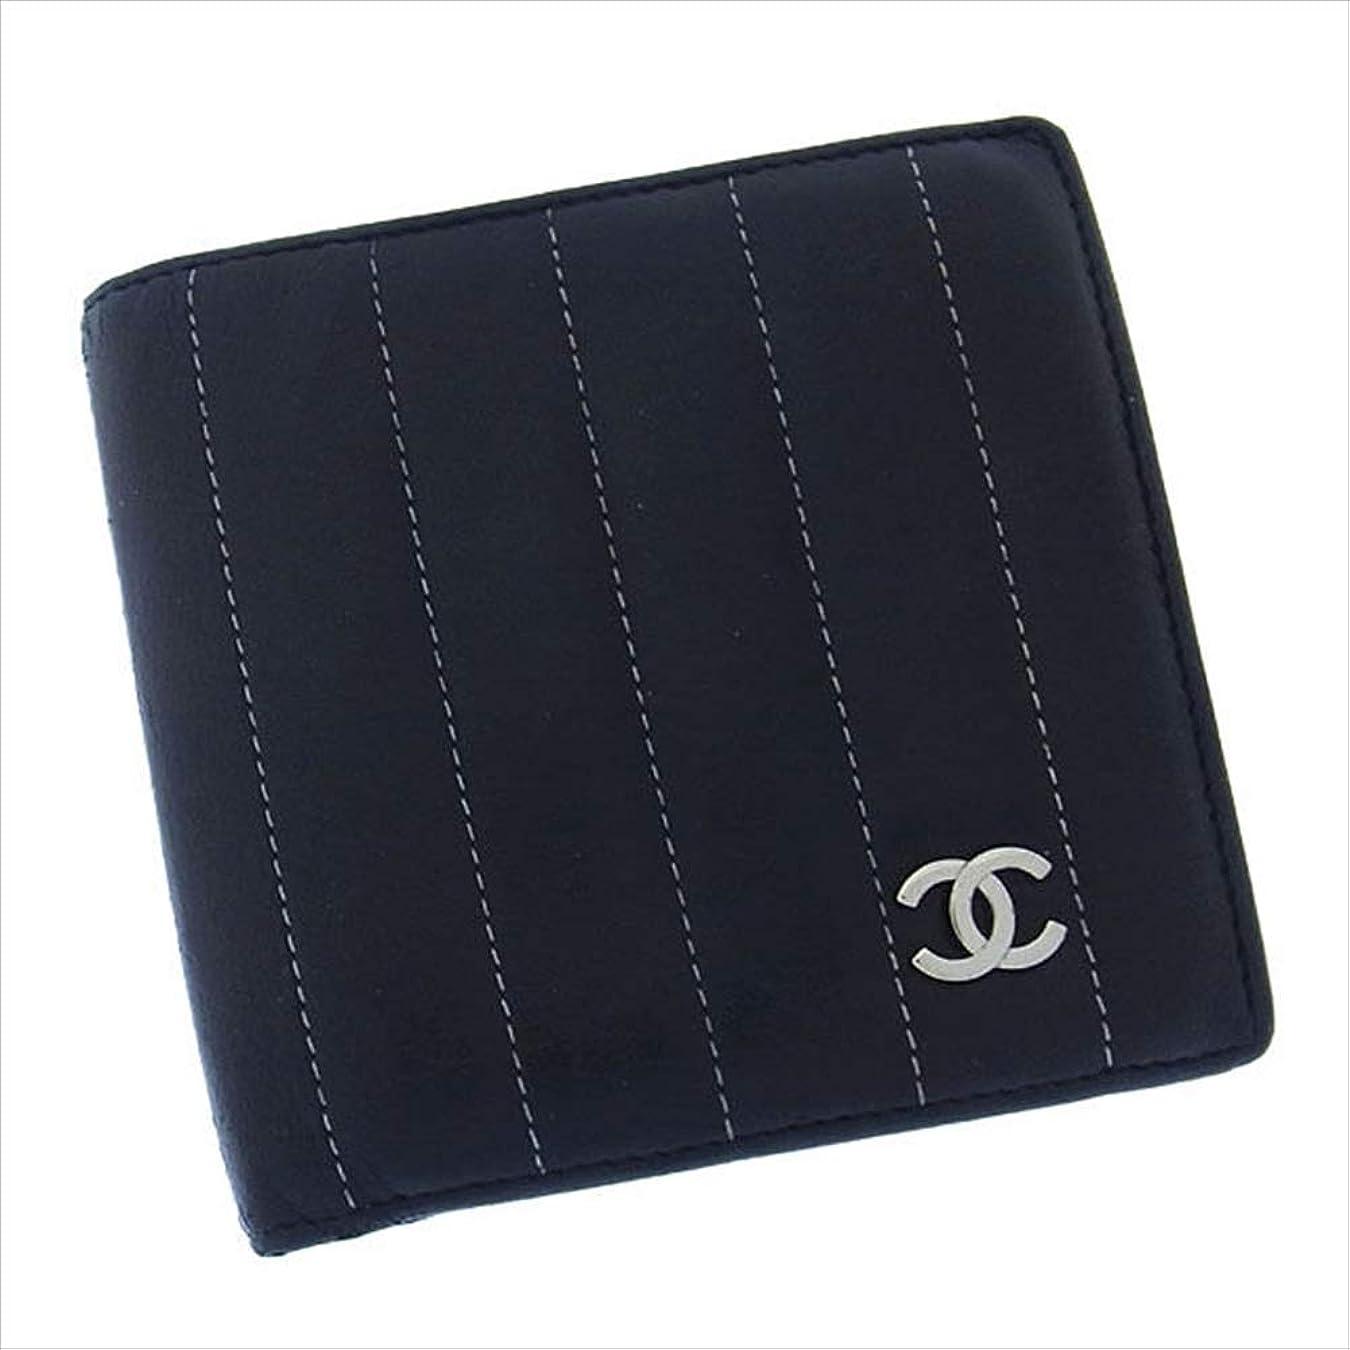 交じる原子クレーンシャネル CHANEL 二つ折り財布 コンパクトサイズ レディース ココマーク付き マドモアゼルライン 中古 レア 良品 T15215